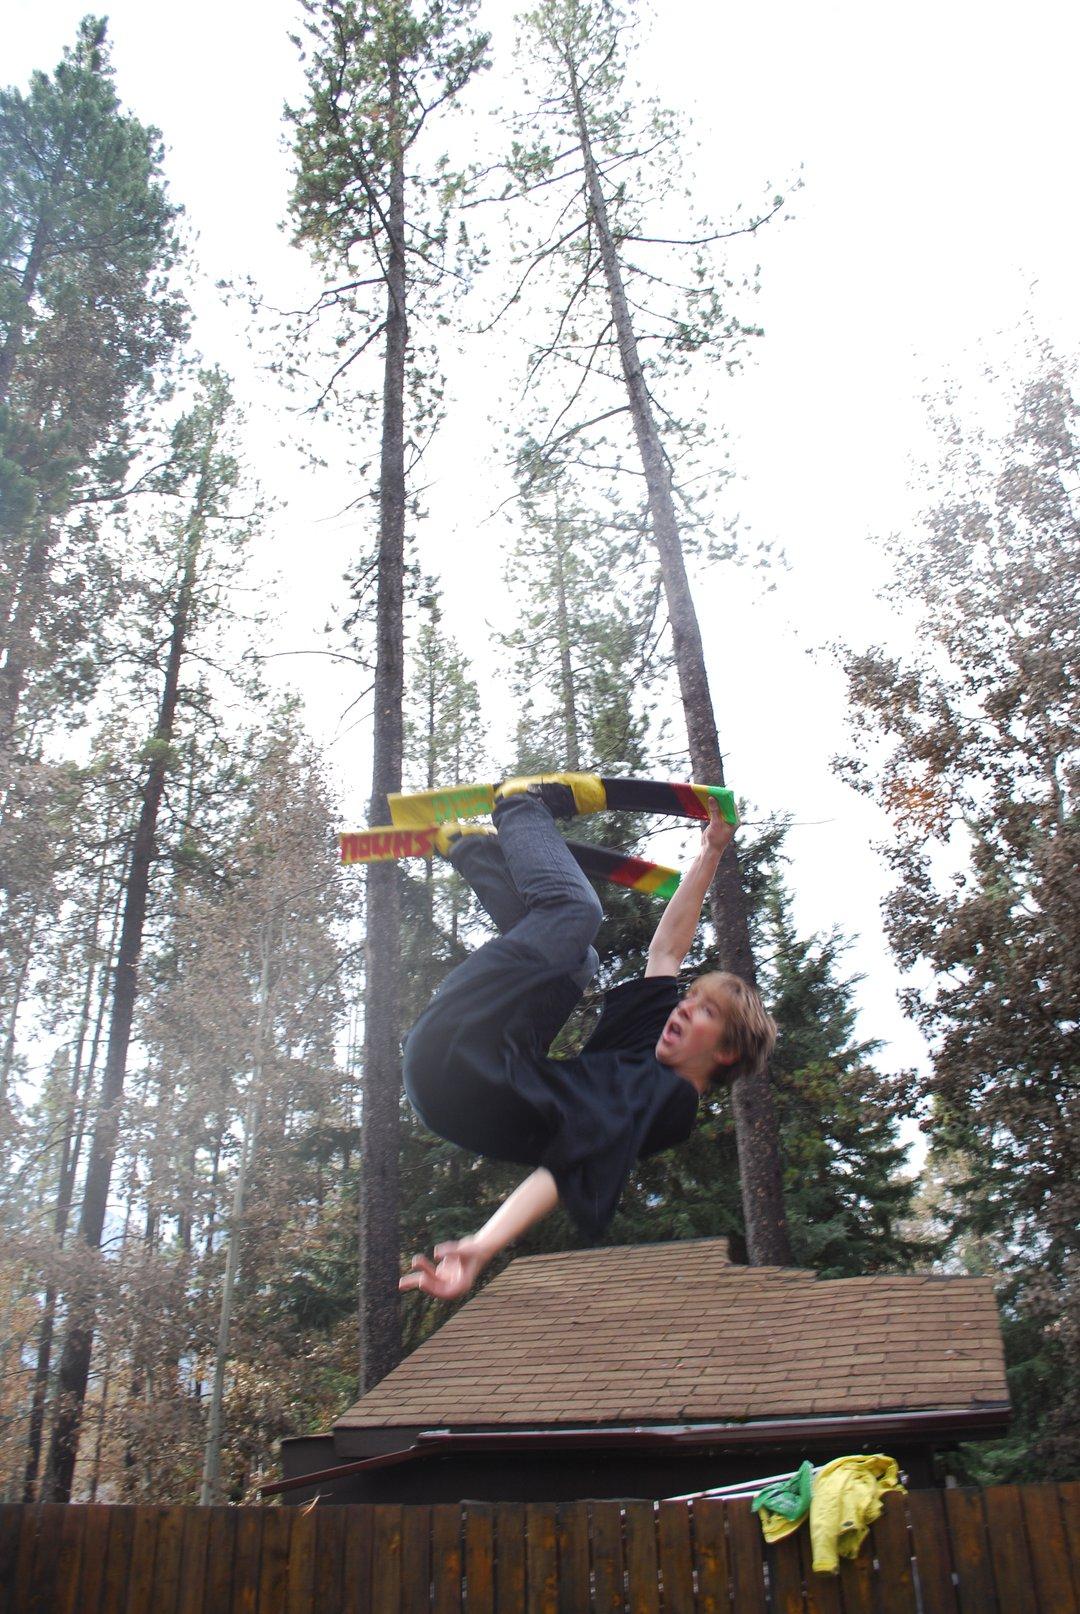 Shmow trampoline skis - 1 of 11